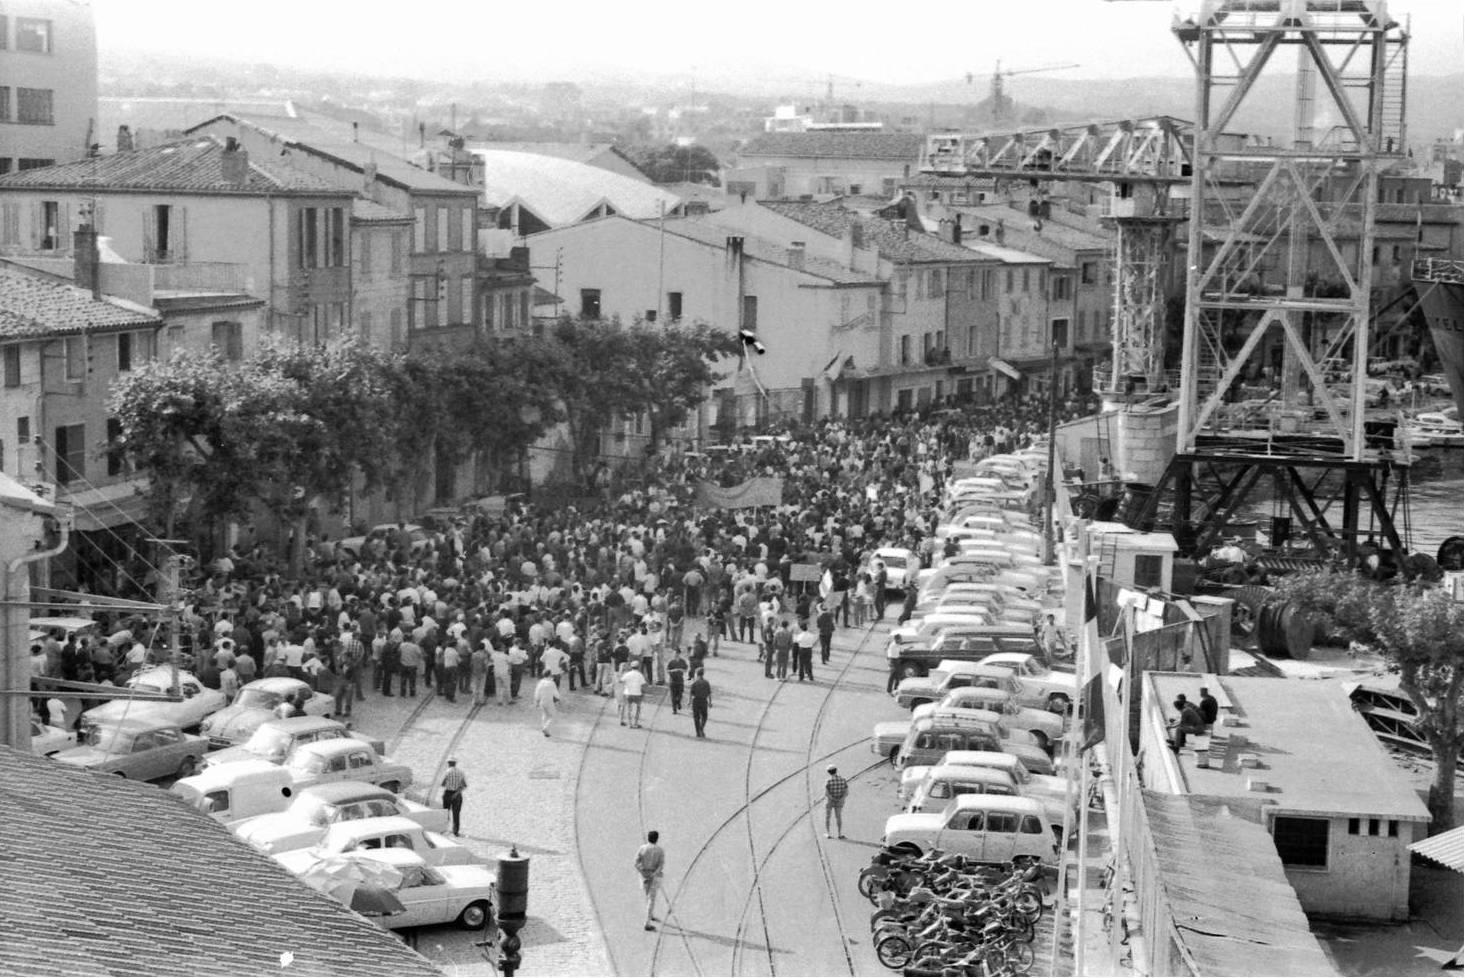 Rassemblement important d'ouvriers lors des grèves de 1968. Le quai est envahi de voitures, de deux-roues et de grévistes !  - 1968